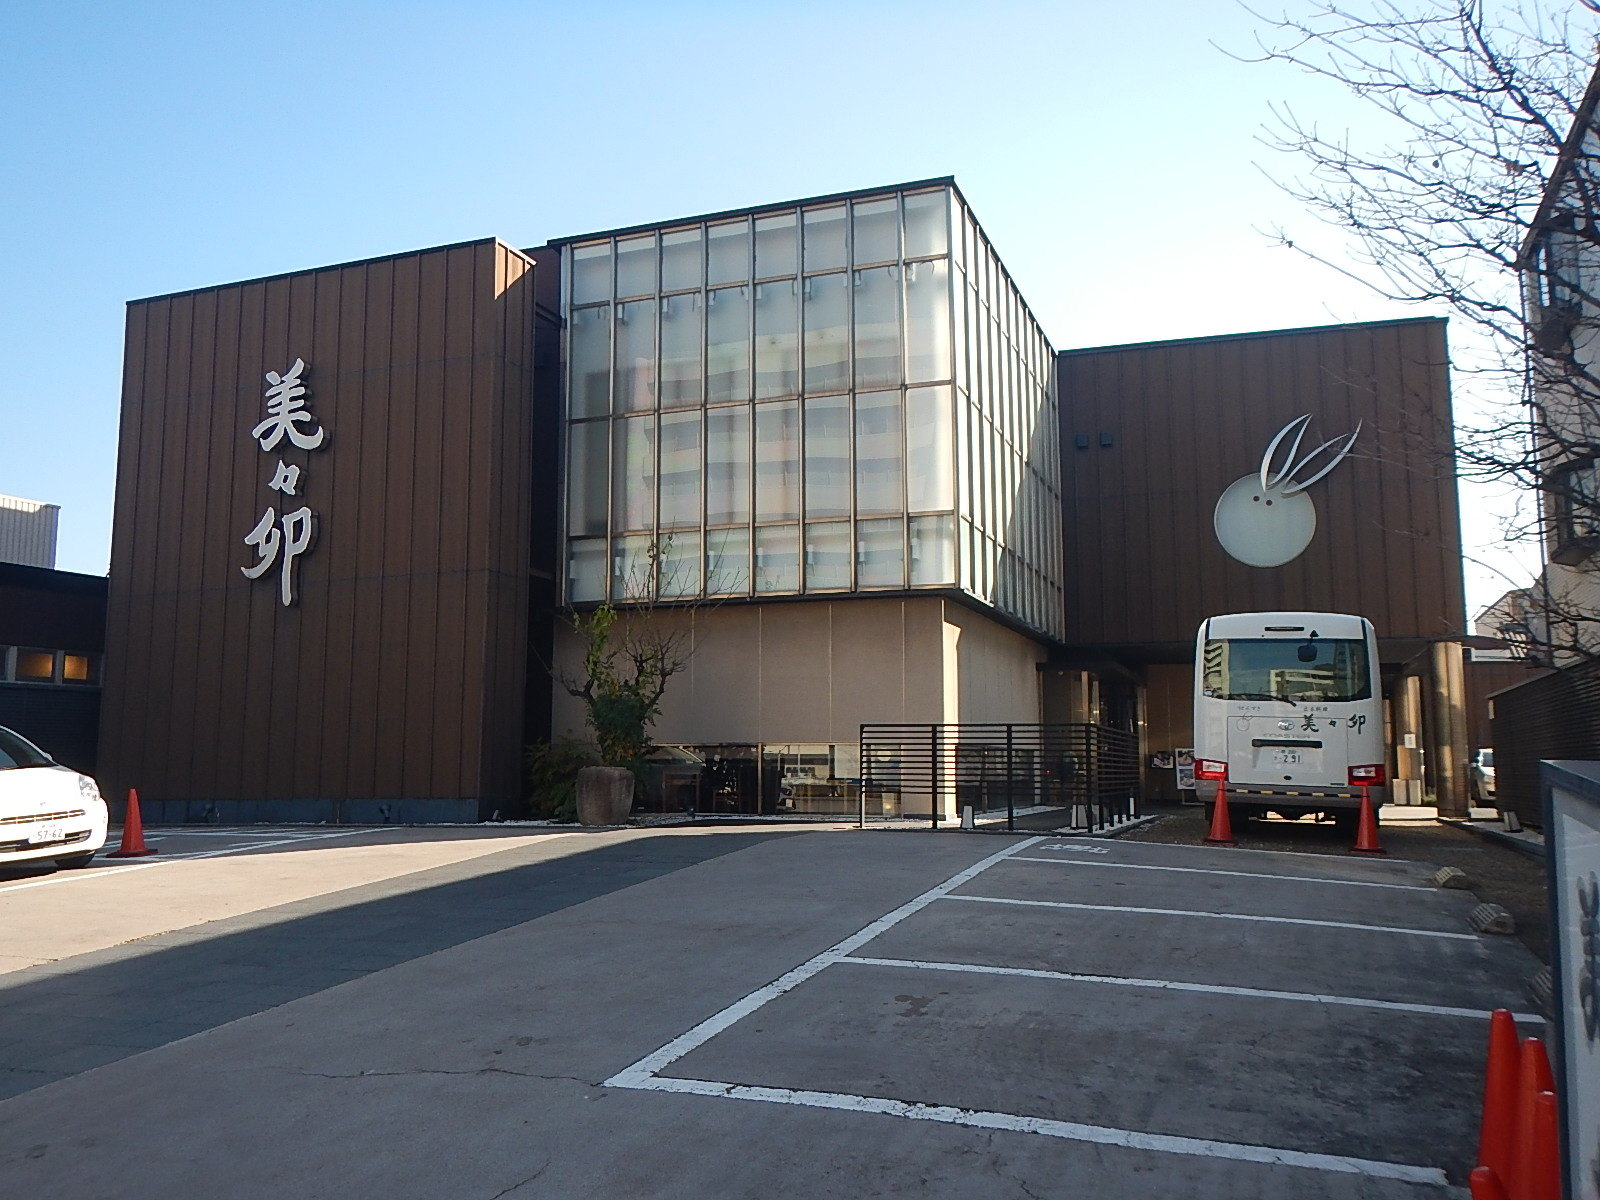 2nd おっさんぽ in 少林寺町_a0386742_10555057.jpg